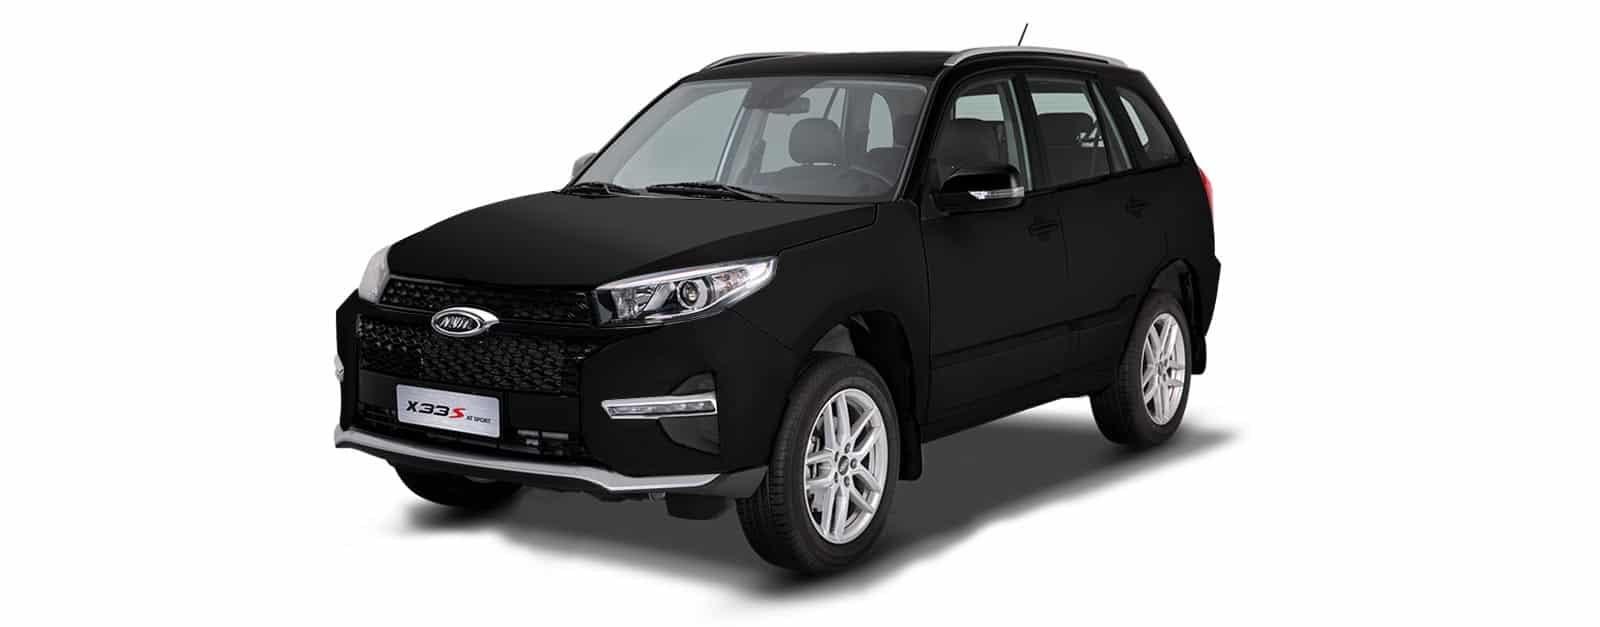 قیمت خودروهای مدیران خودرو امروز پنج شنبه 9 اردیبهشت 1400